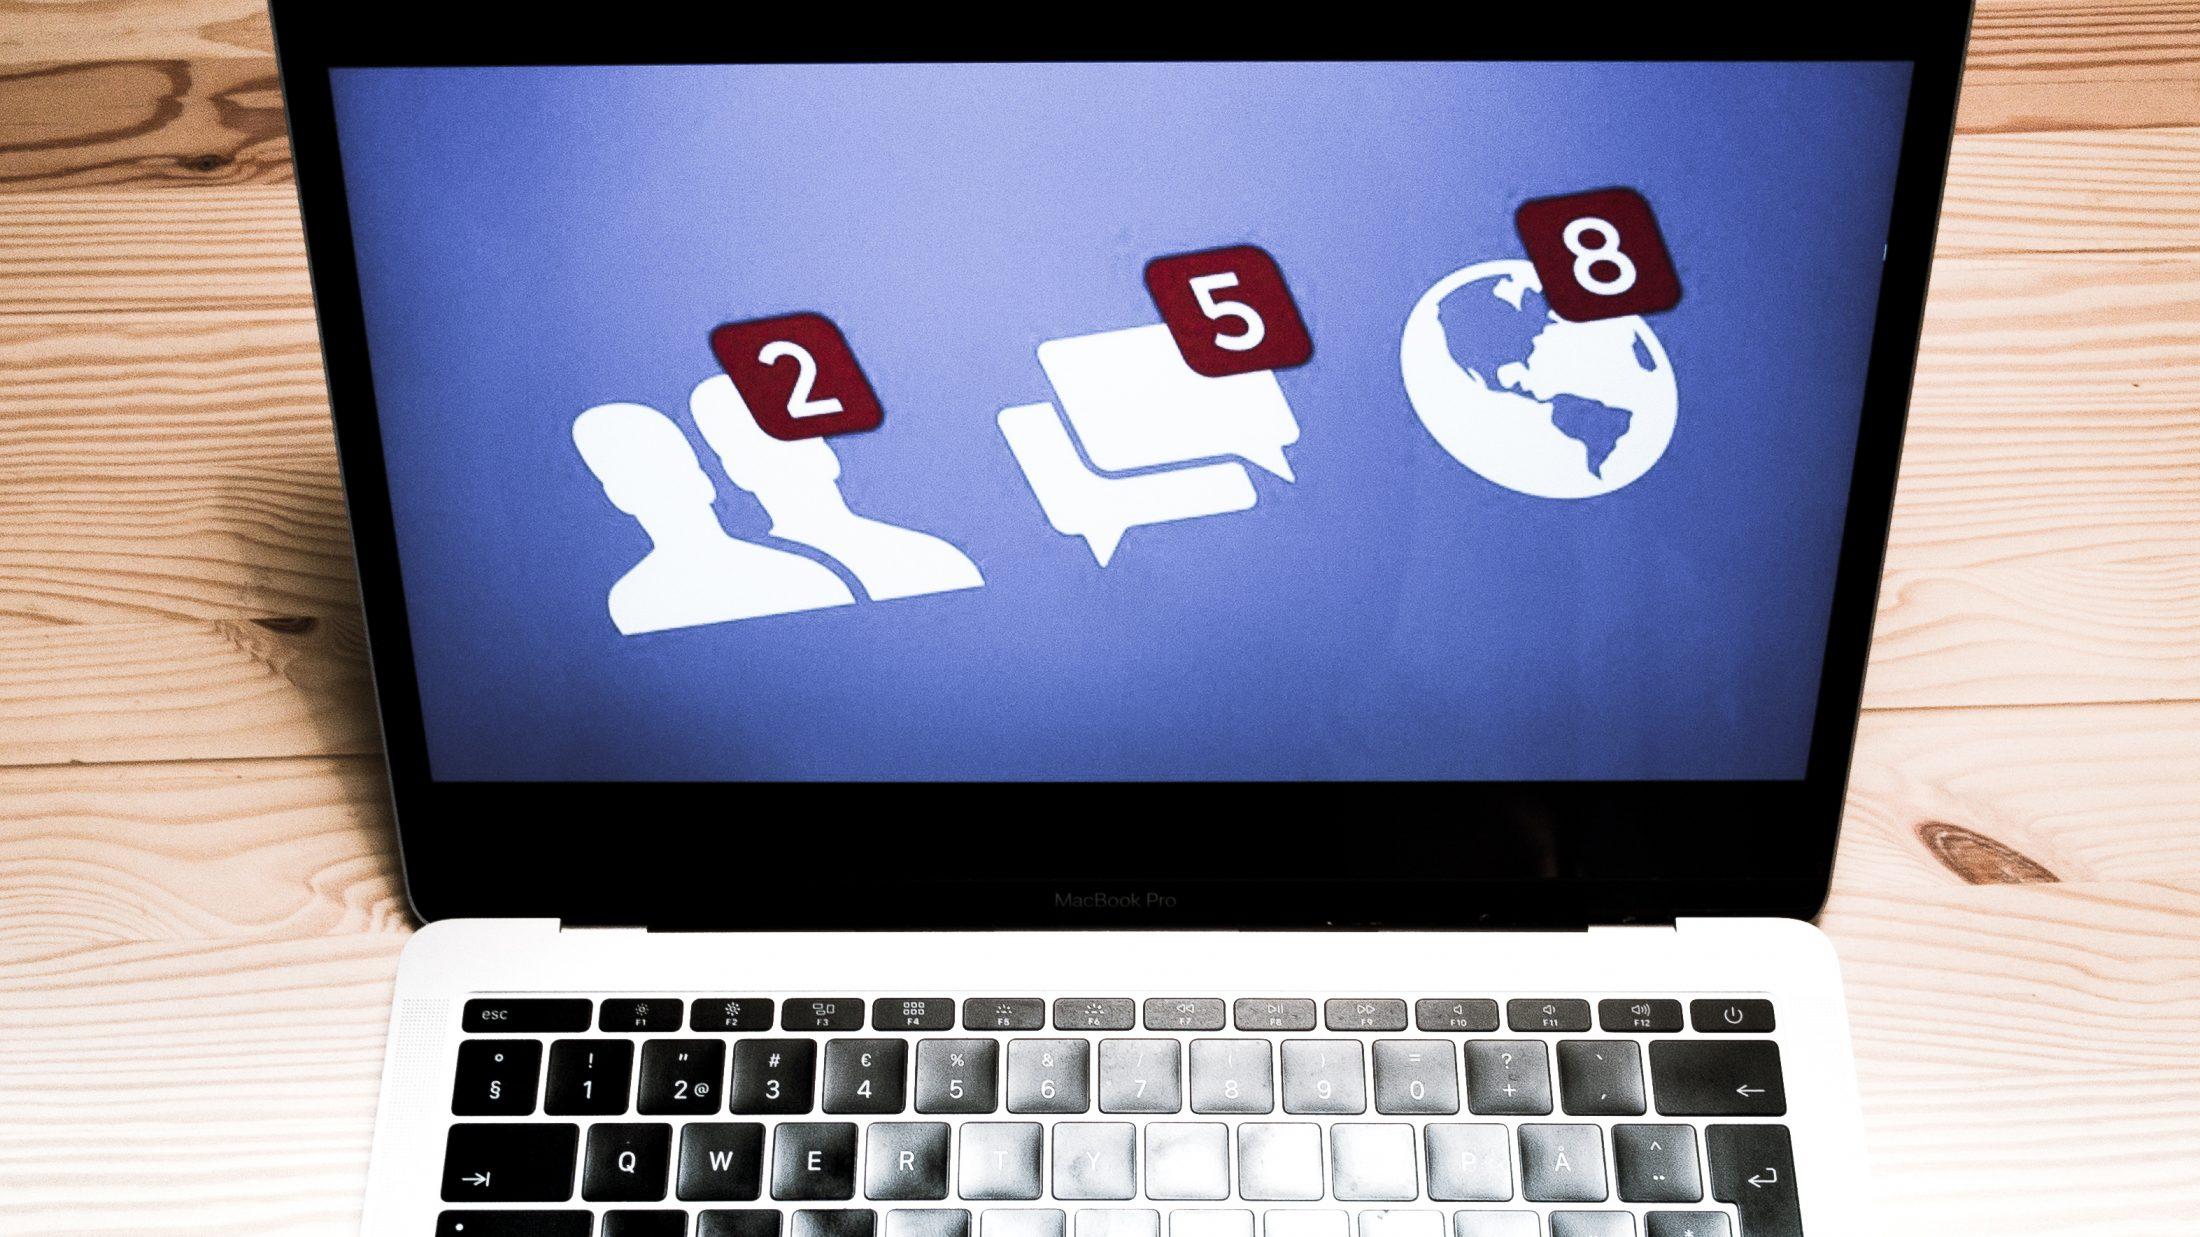 Vad marknadsförare behöver tänka på runt Facebooks förändring av algoritmen